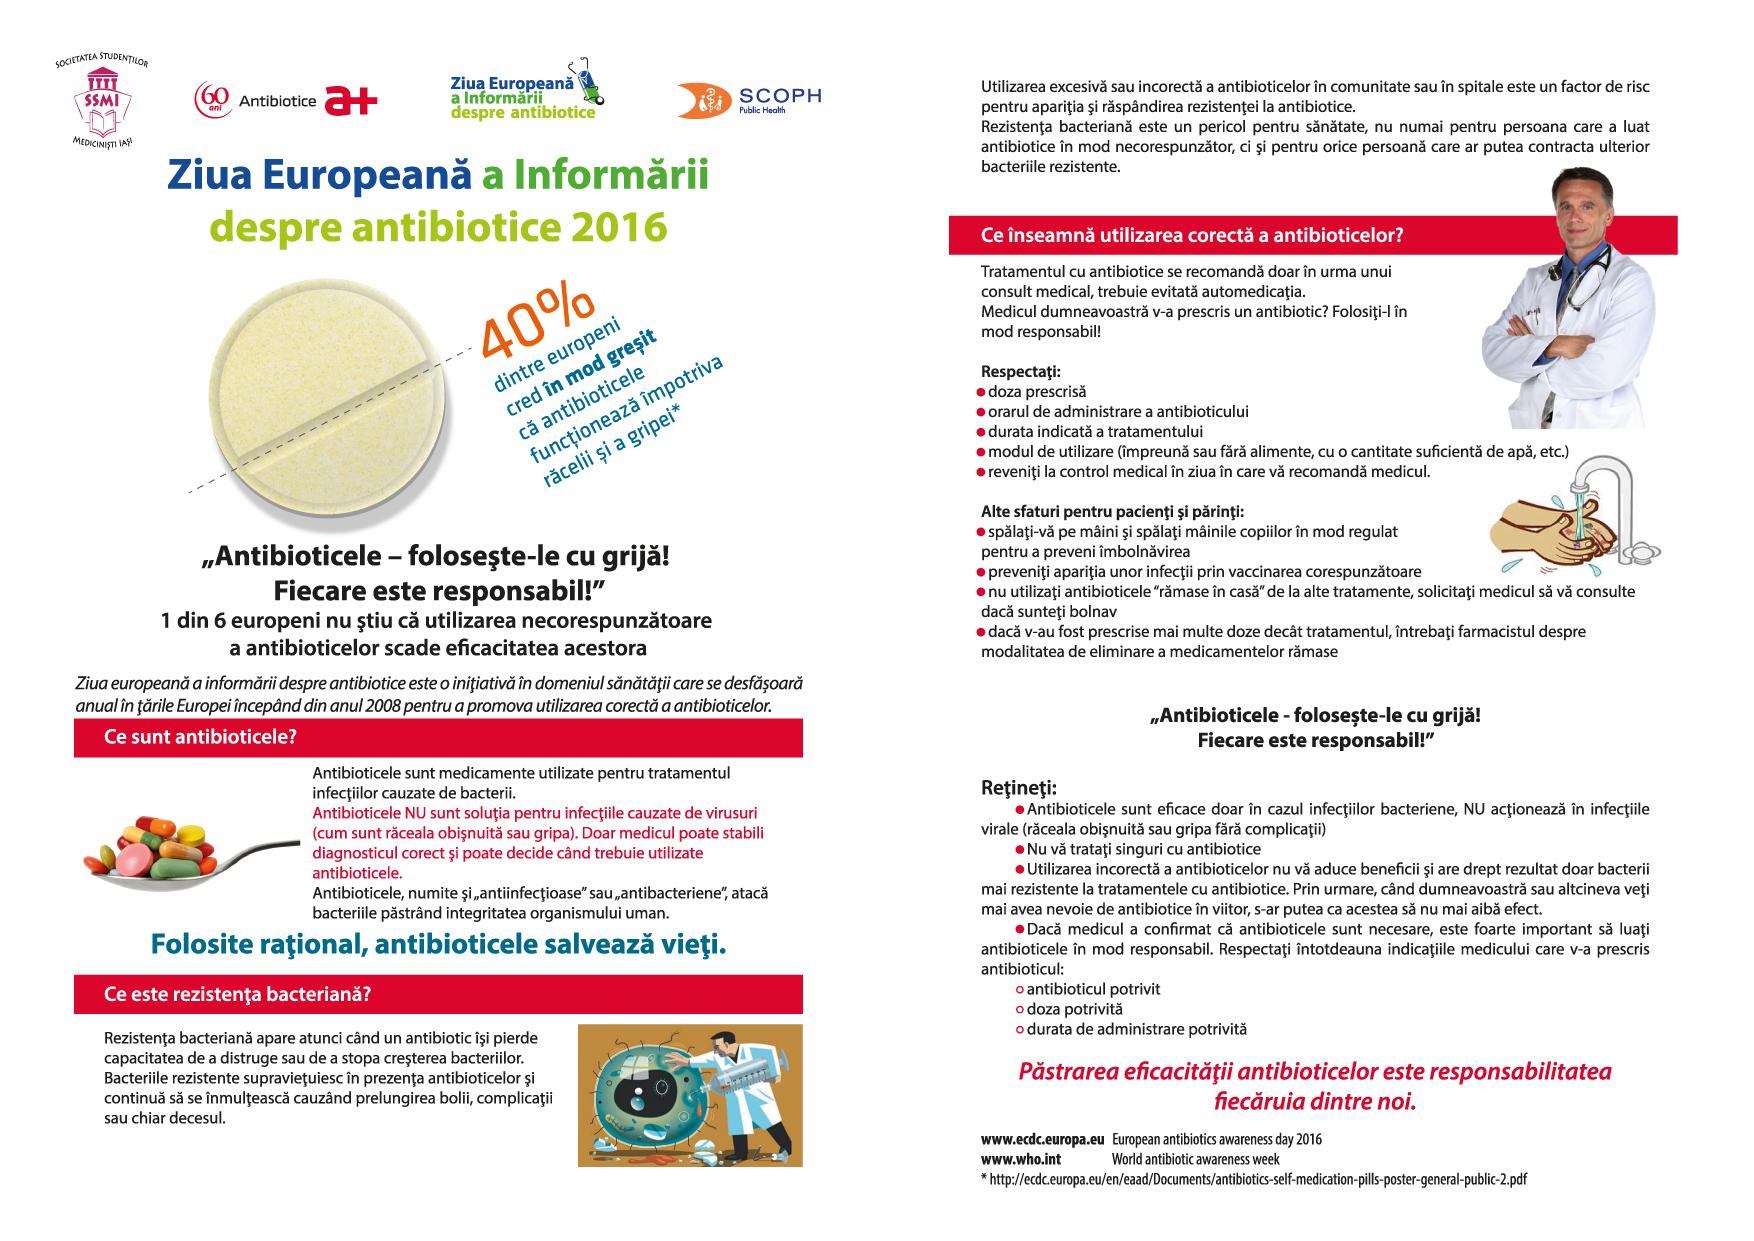 18.11 Ziua EU Info Antibiotice 2016 - leaflet